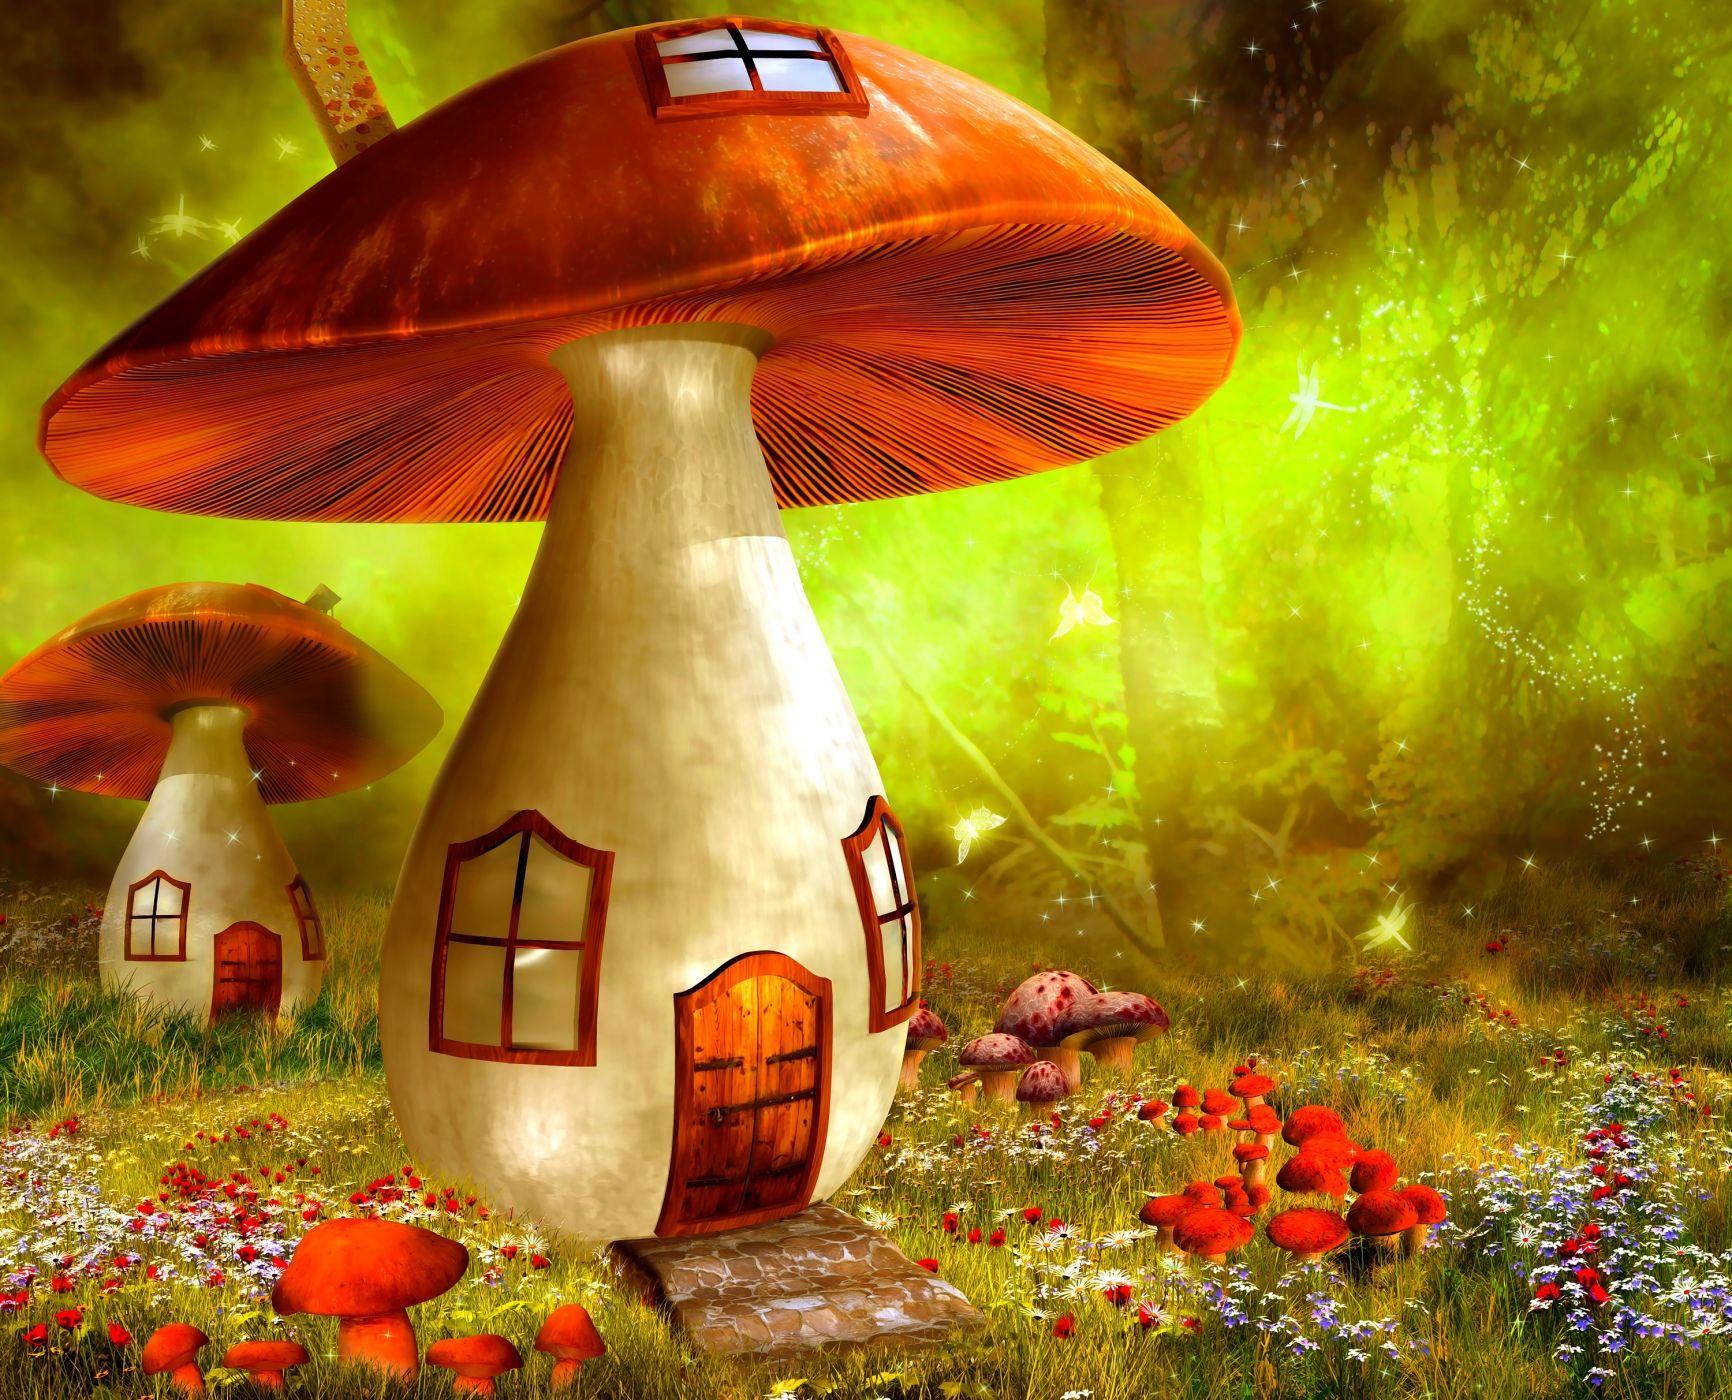 гриб домик картинки фэнтези сможете прогуляться